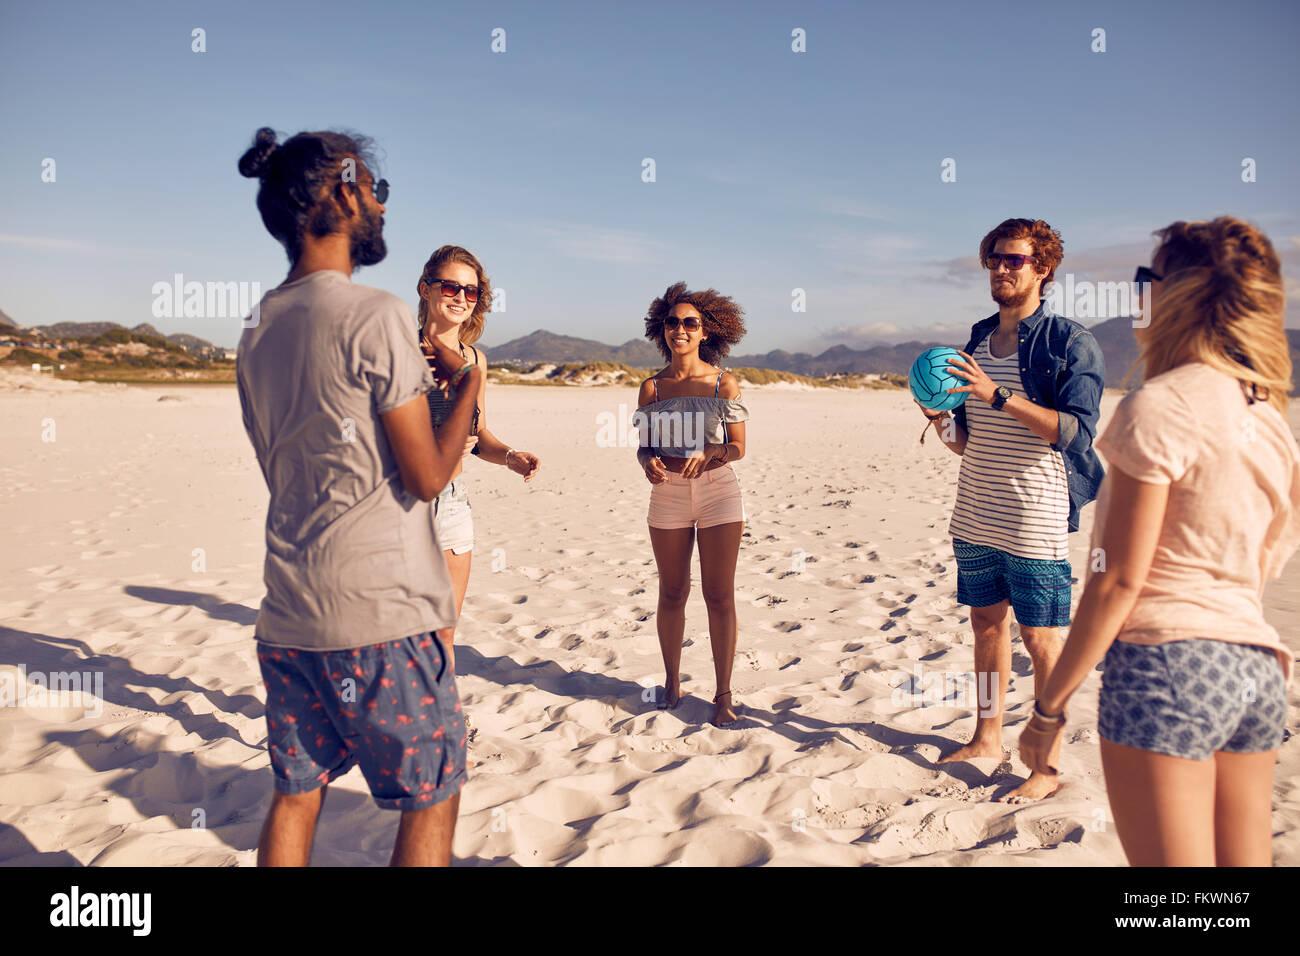 Gruppe von Jugendlichen stehen im Kreis am Strand und mit Ball spielen. Junge Freunde spielen Ball Spiel an einem Stockbild